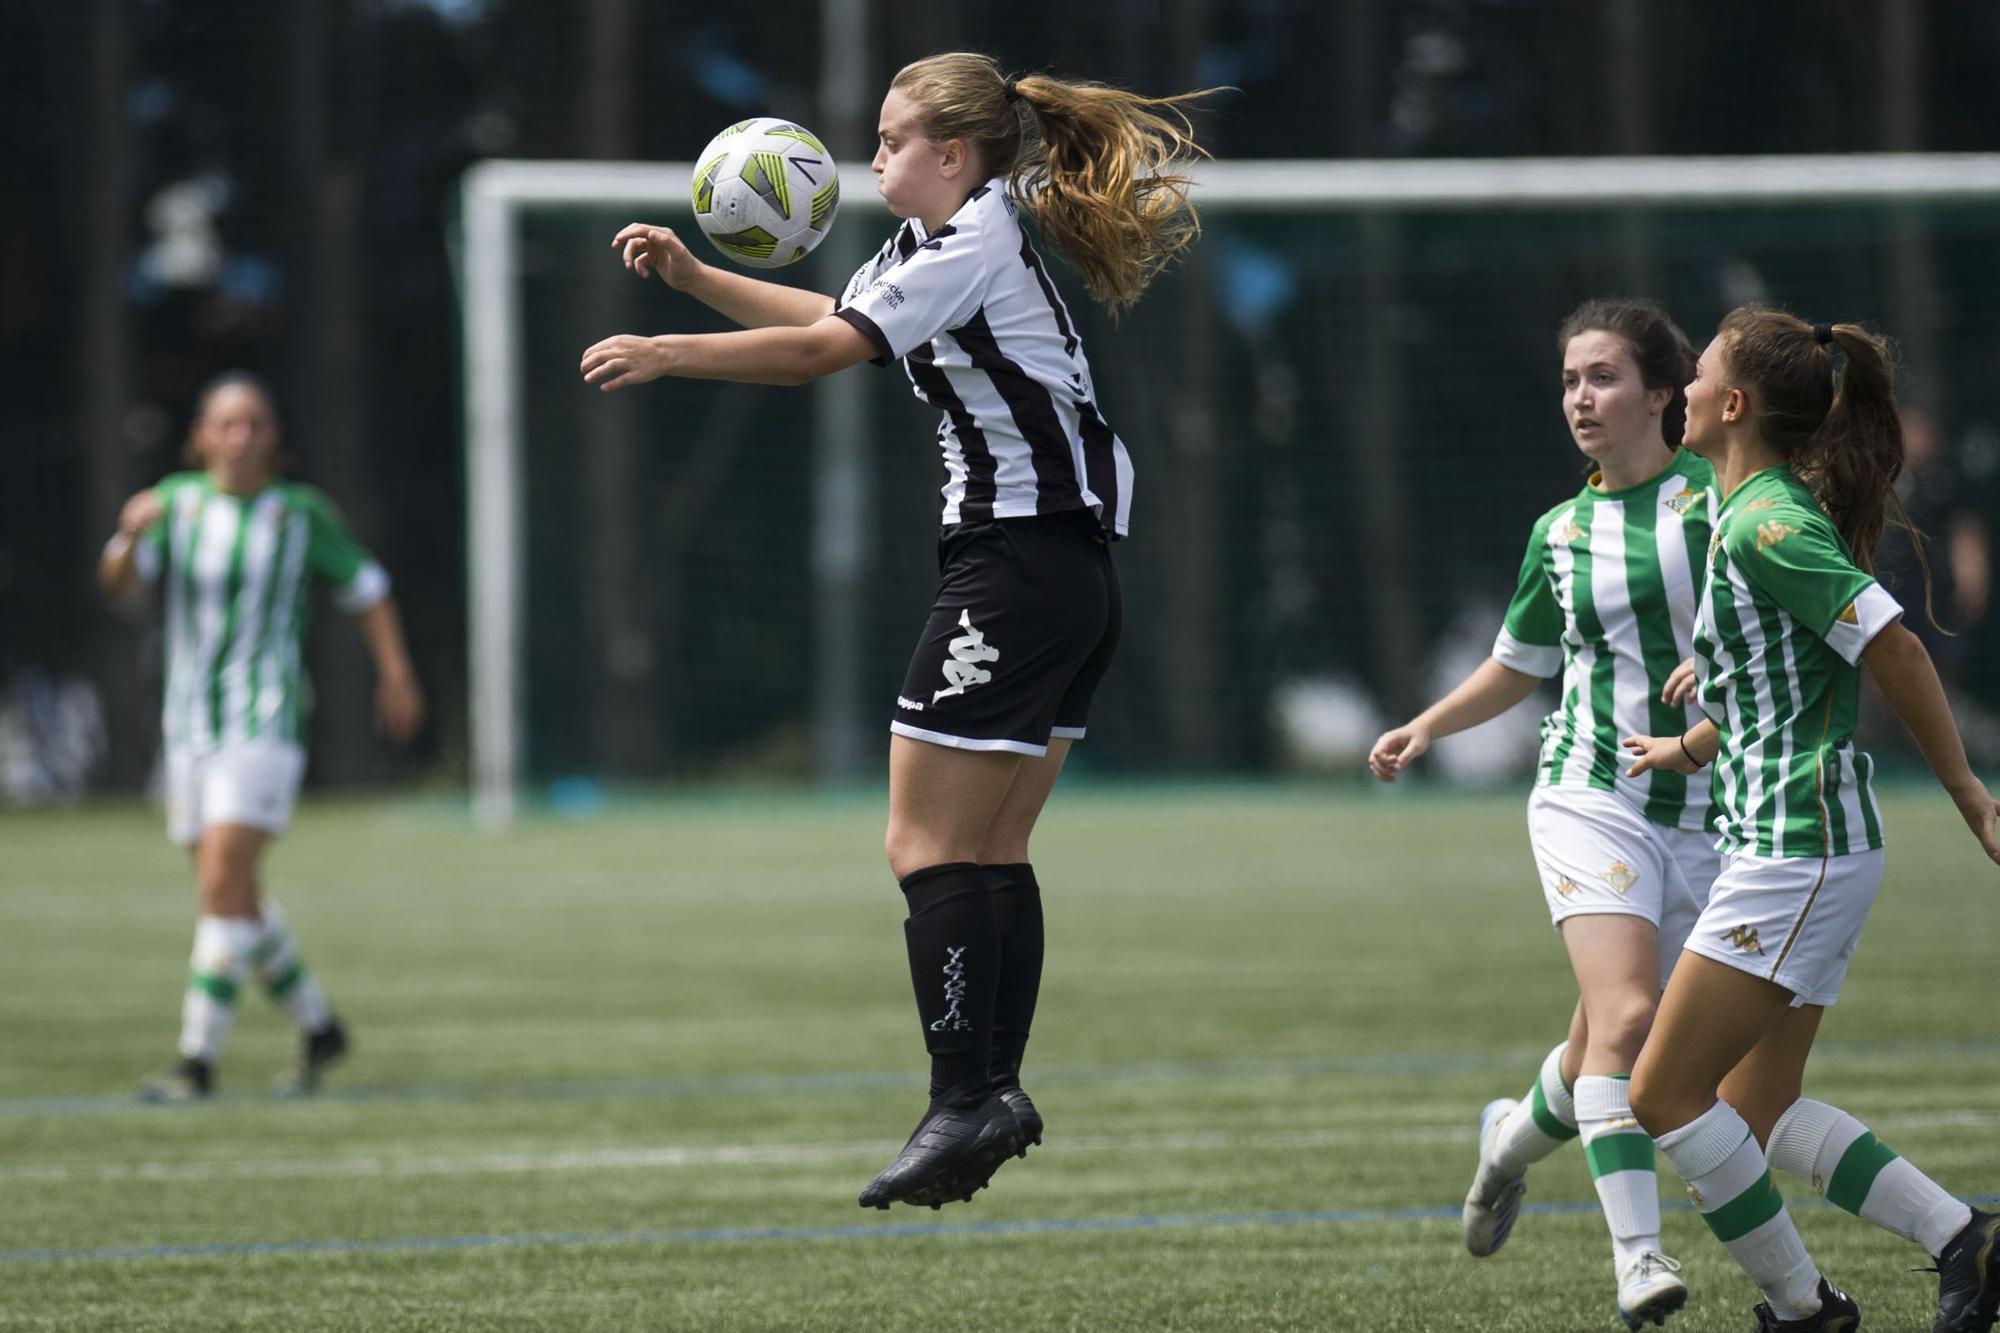 El Victoria empata 1-1 ante el Betis B en la ida de la final por el ascenso a Retro Iberdrola